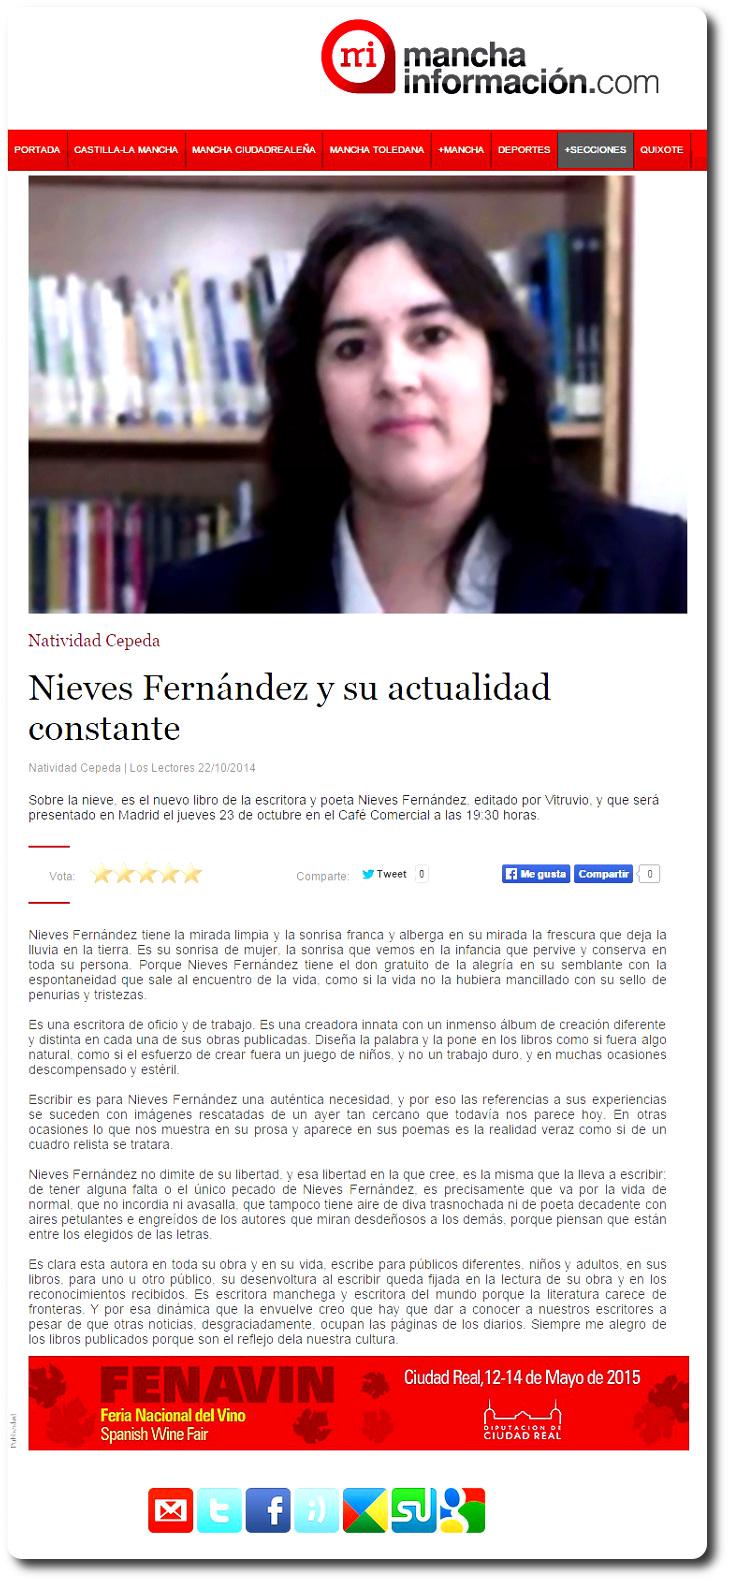 Nieves Fernández y su actualidad constante, artículo de Natividad Cepeda